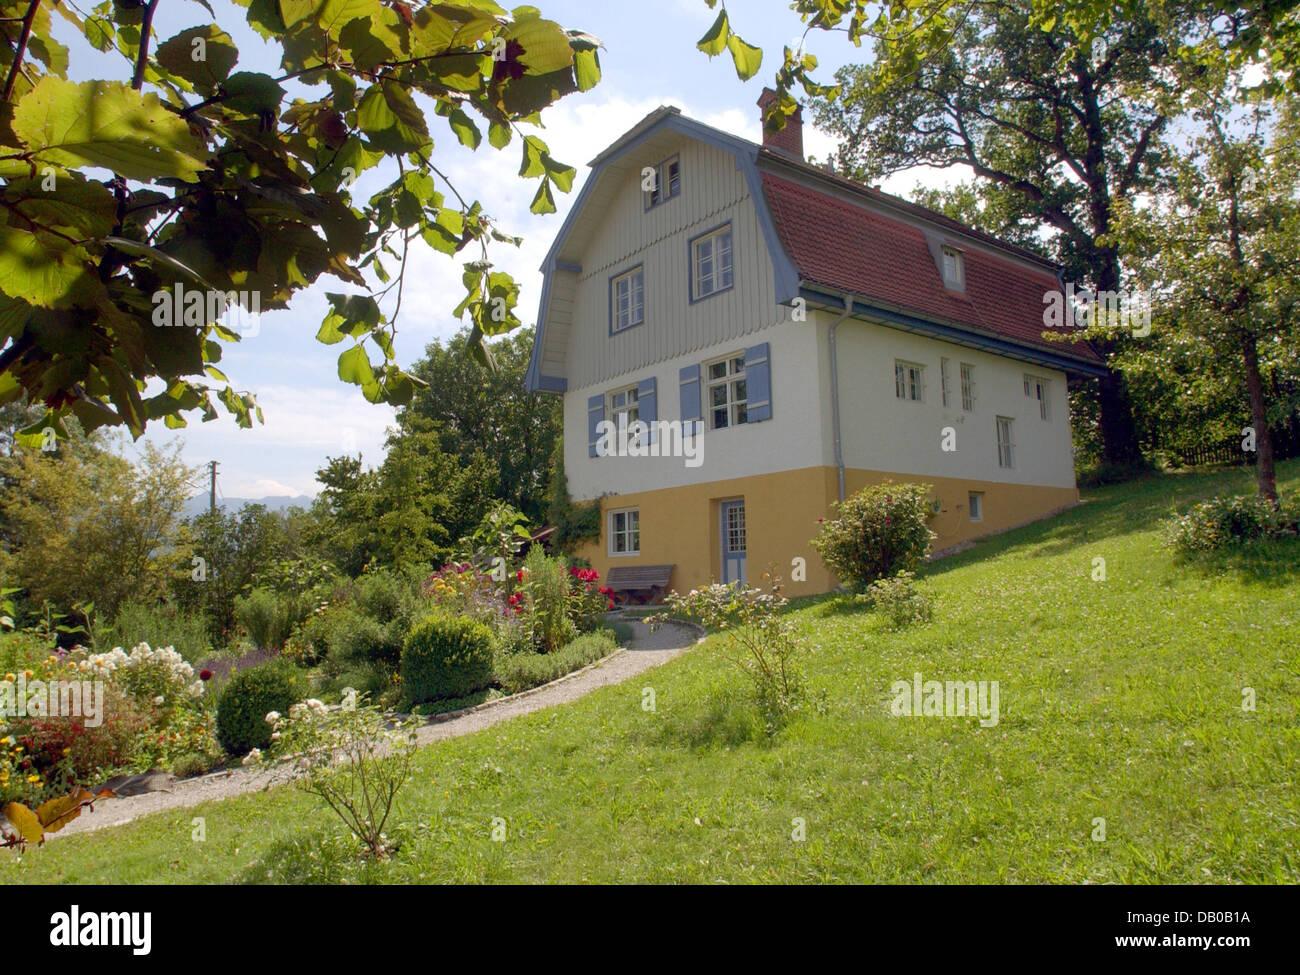 Deutsche Expressionistische Malerin Gabriele Muenter (1877 1962) Kaufte Das  Haus Im Jahre 1908 Und Lebte Dort Mit Ihrem Ersten Partner, Russland  Geborenen ...